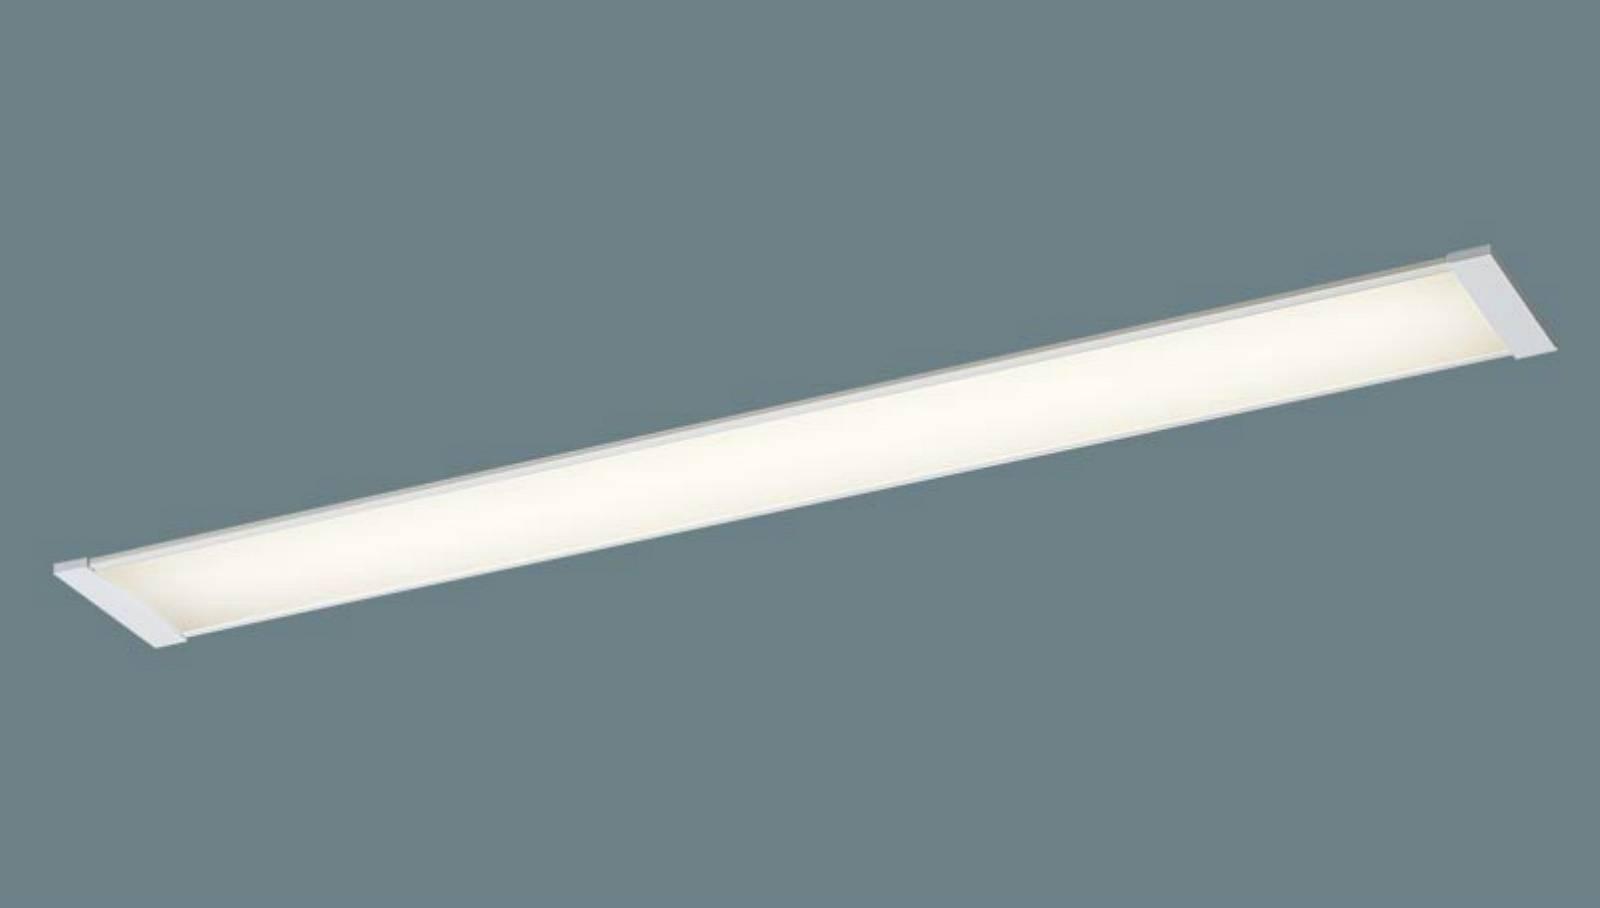 N区分 パナソニック LGB52056LE1 キッチンライト 【SB形】 自動点灯無し 畳数設定無し LED【setsuden_led】